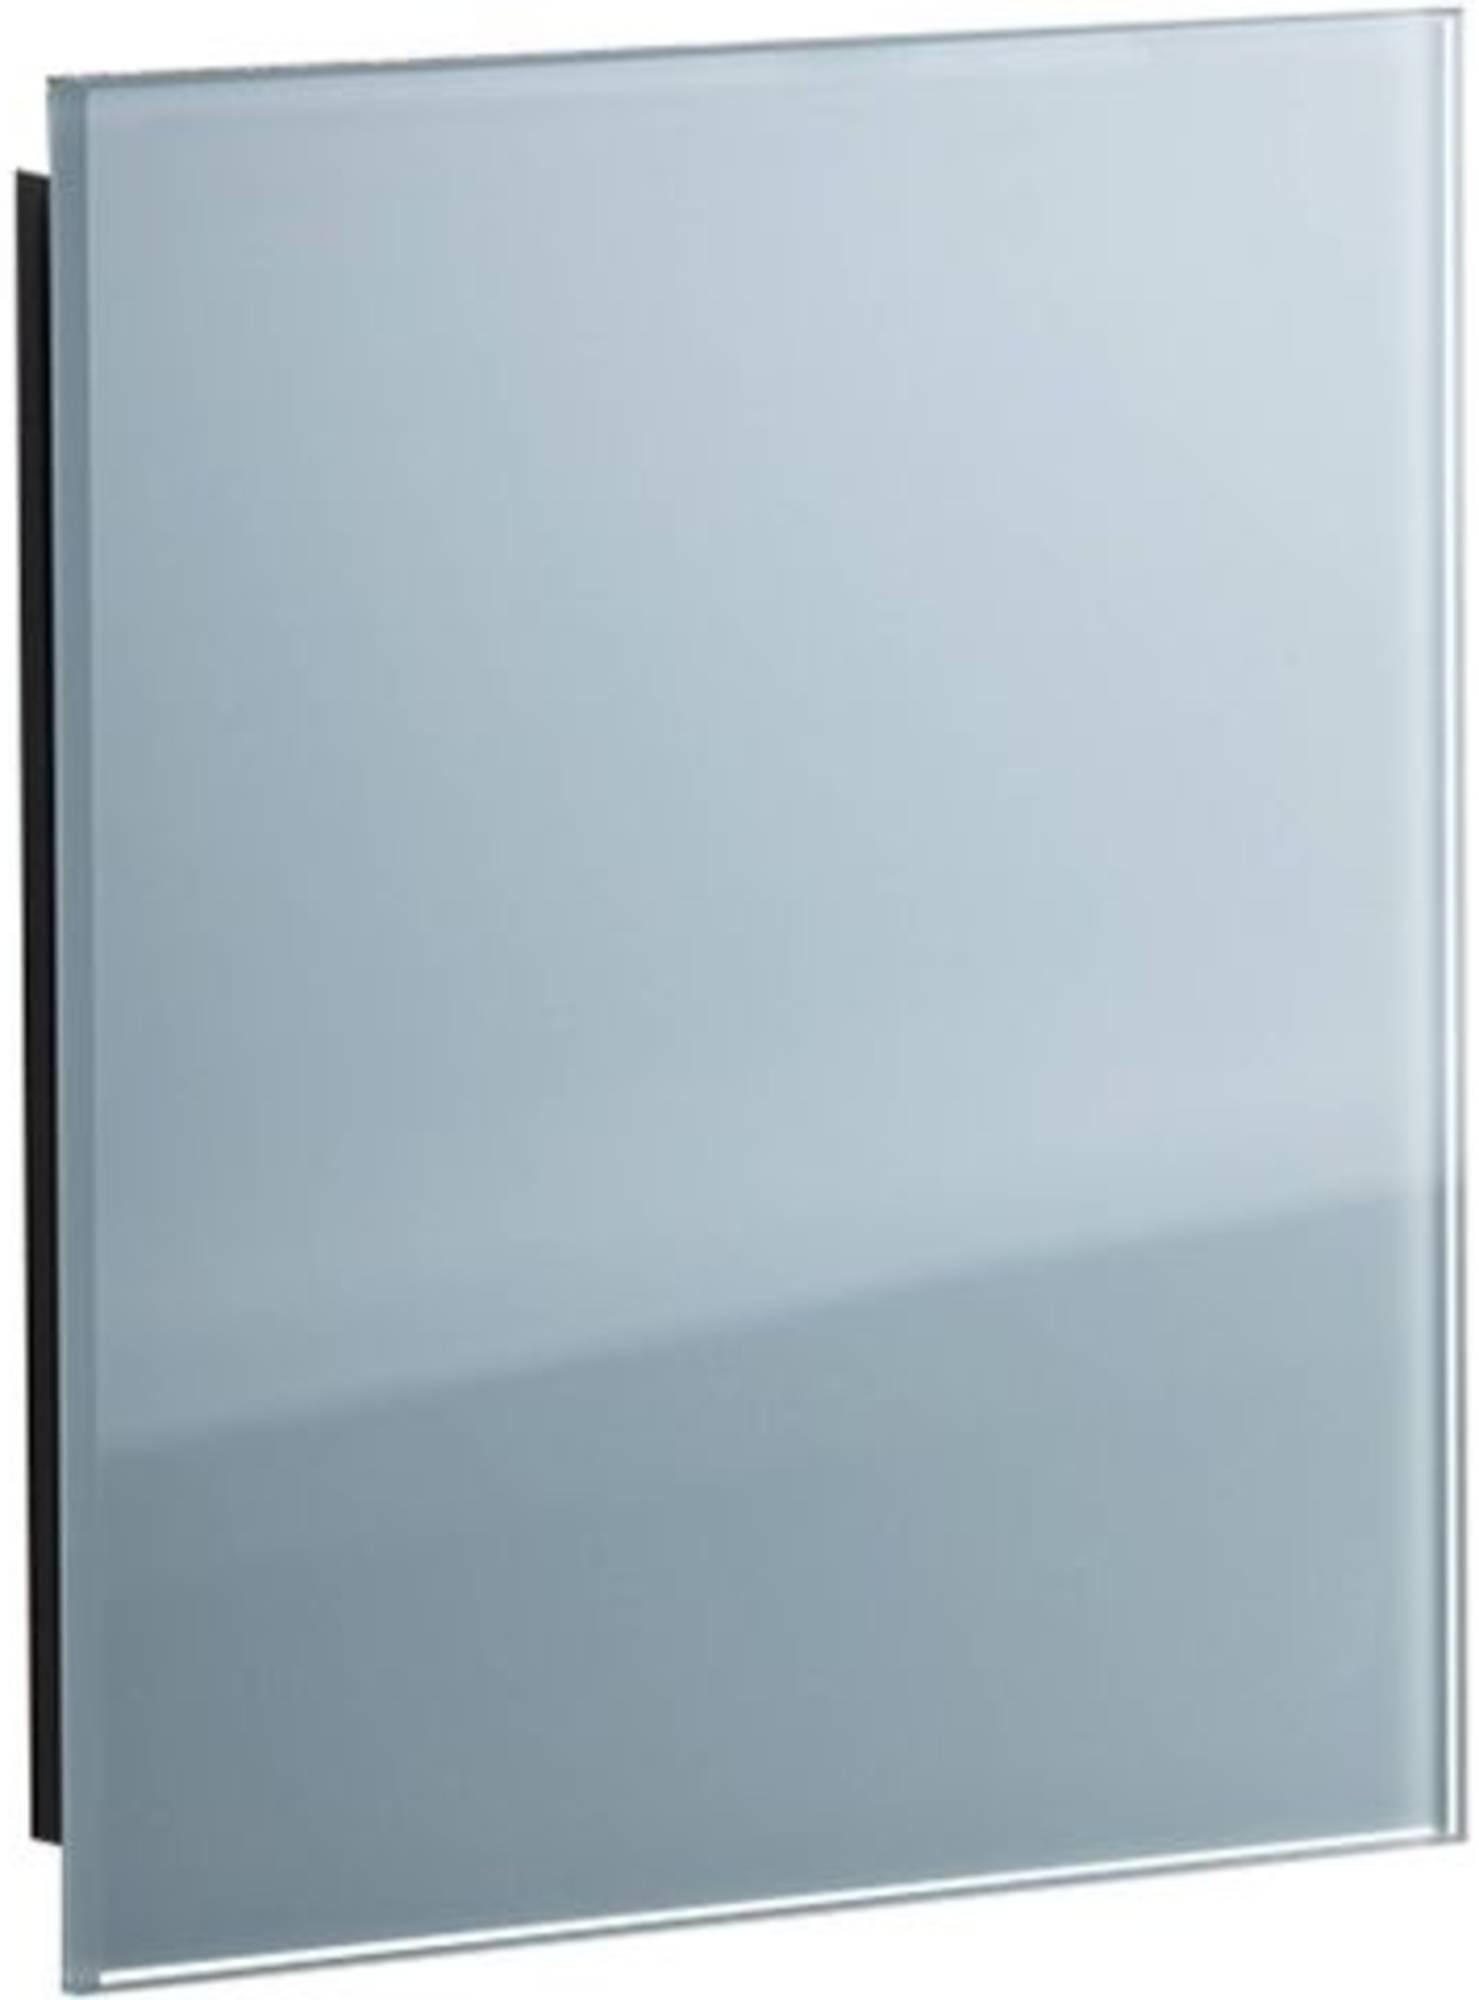 Productafbeelding van Sunshower set ventilatieroosters 13x13cm 2 stuks vierkant organic grey